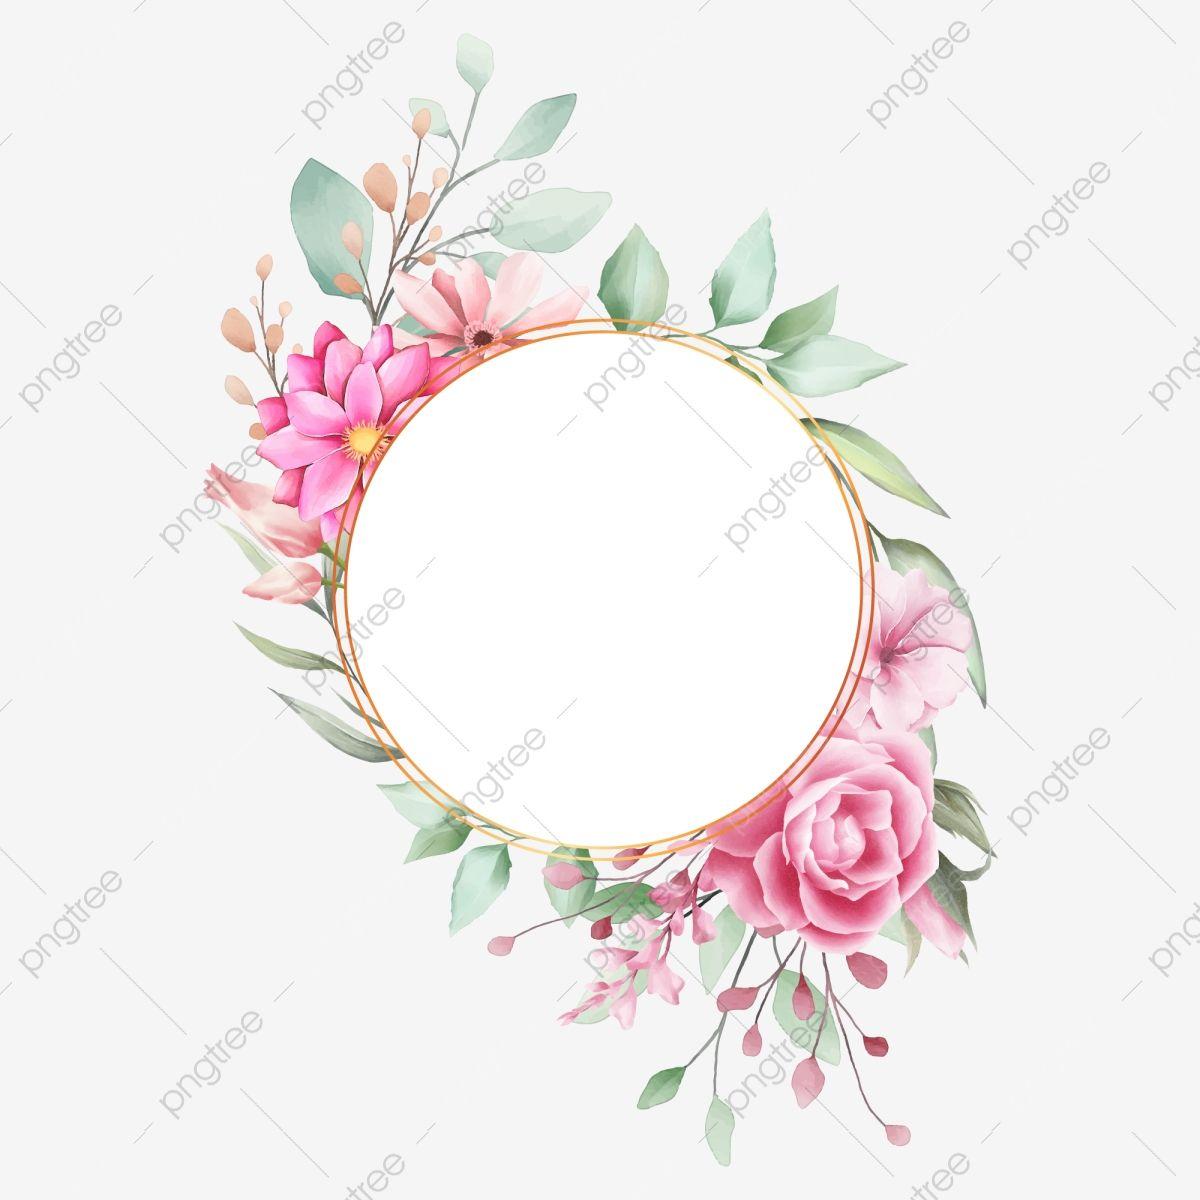 Gambar Kerangka Perkahwinan Bulatan Romantis Dengan Bunga Cat Air Kad Bunga Menjemput Png Dan Vektor Untuk Muat Turun Percuma Floral Border Design Watercolor Flowers Floral Border